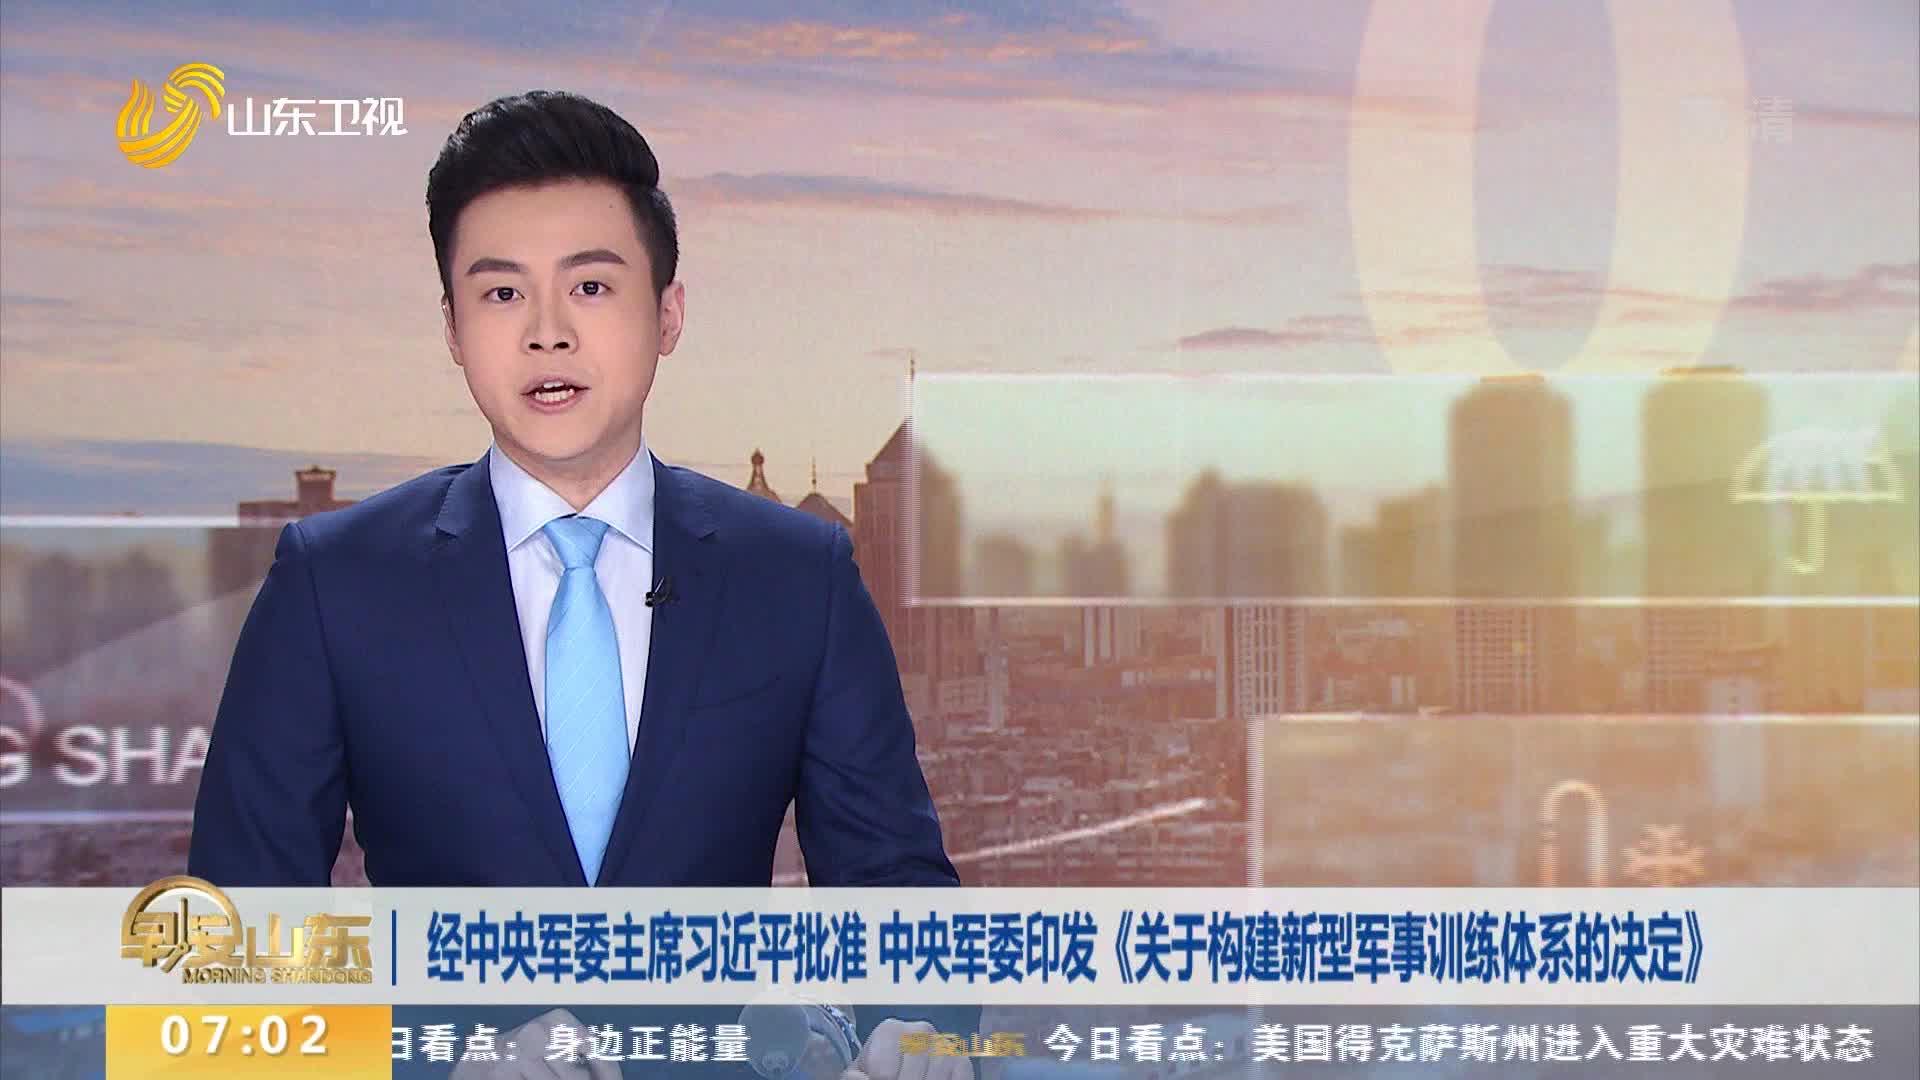 经中央军委主席习近平批准 中央军委印发《关于构建新型军事训练体系的决定》